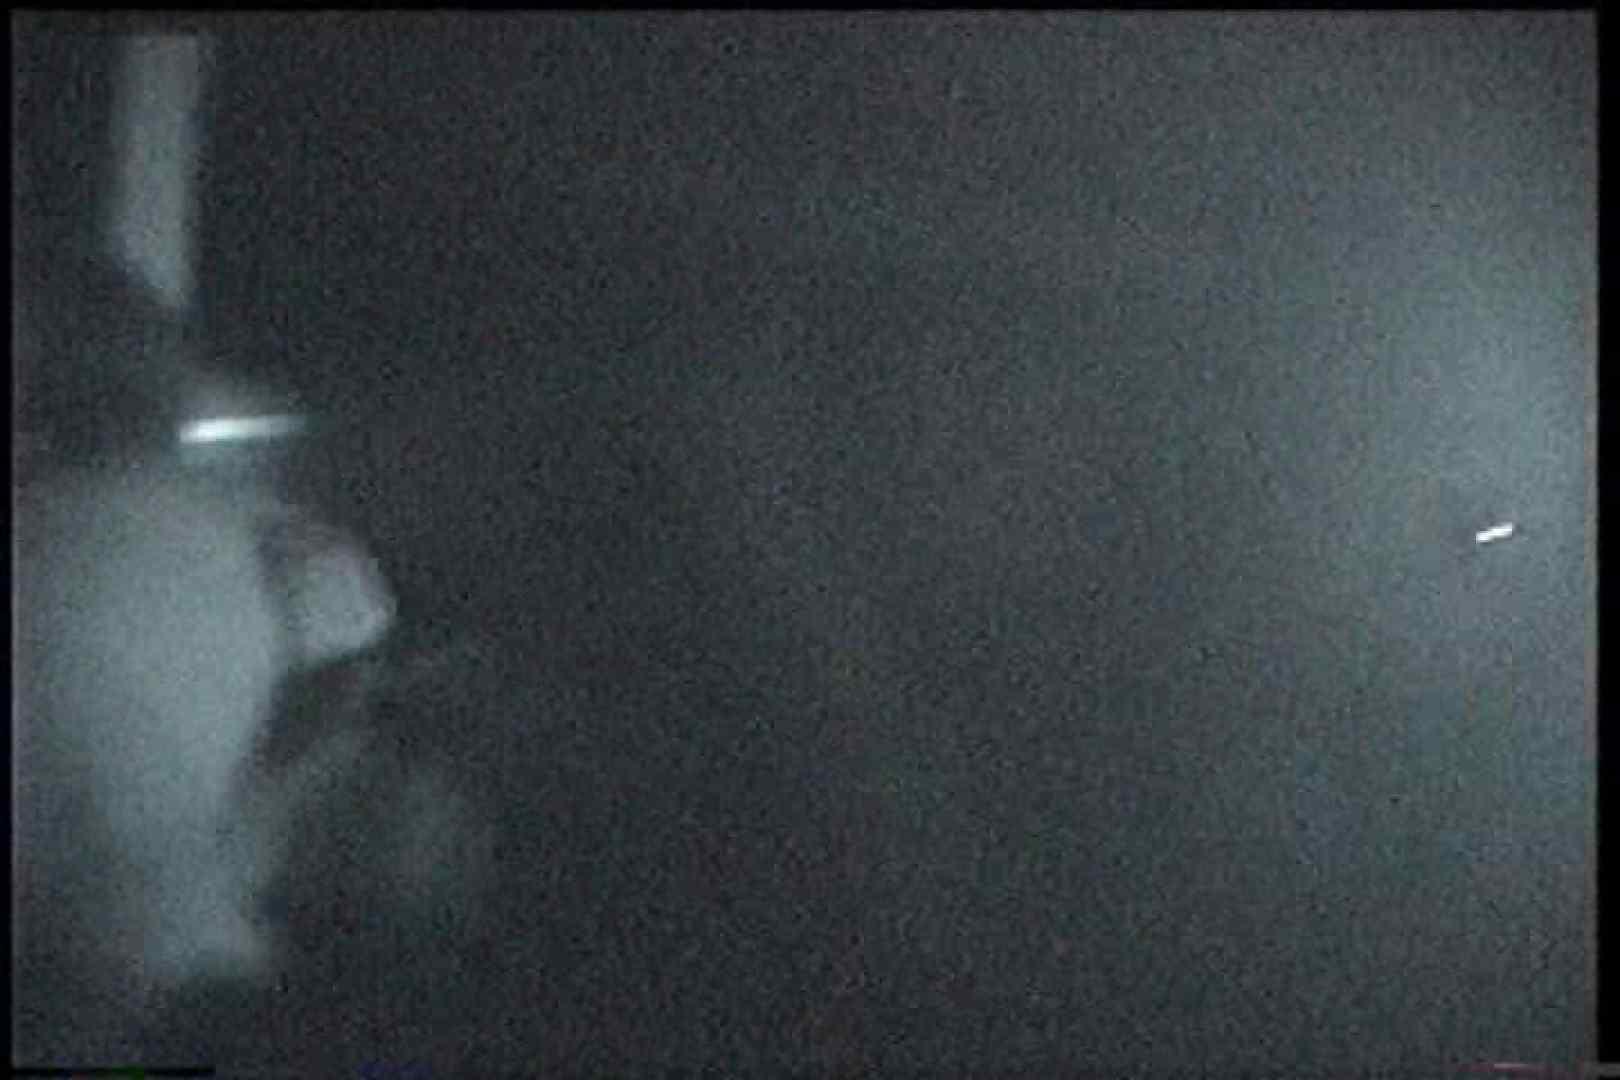 充血監督の深夜の運動会Vol.179 OLの実態 隠し撮りセックス画像 89pic 53